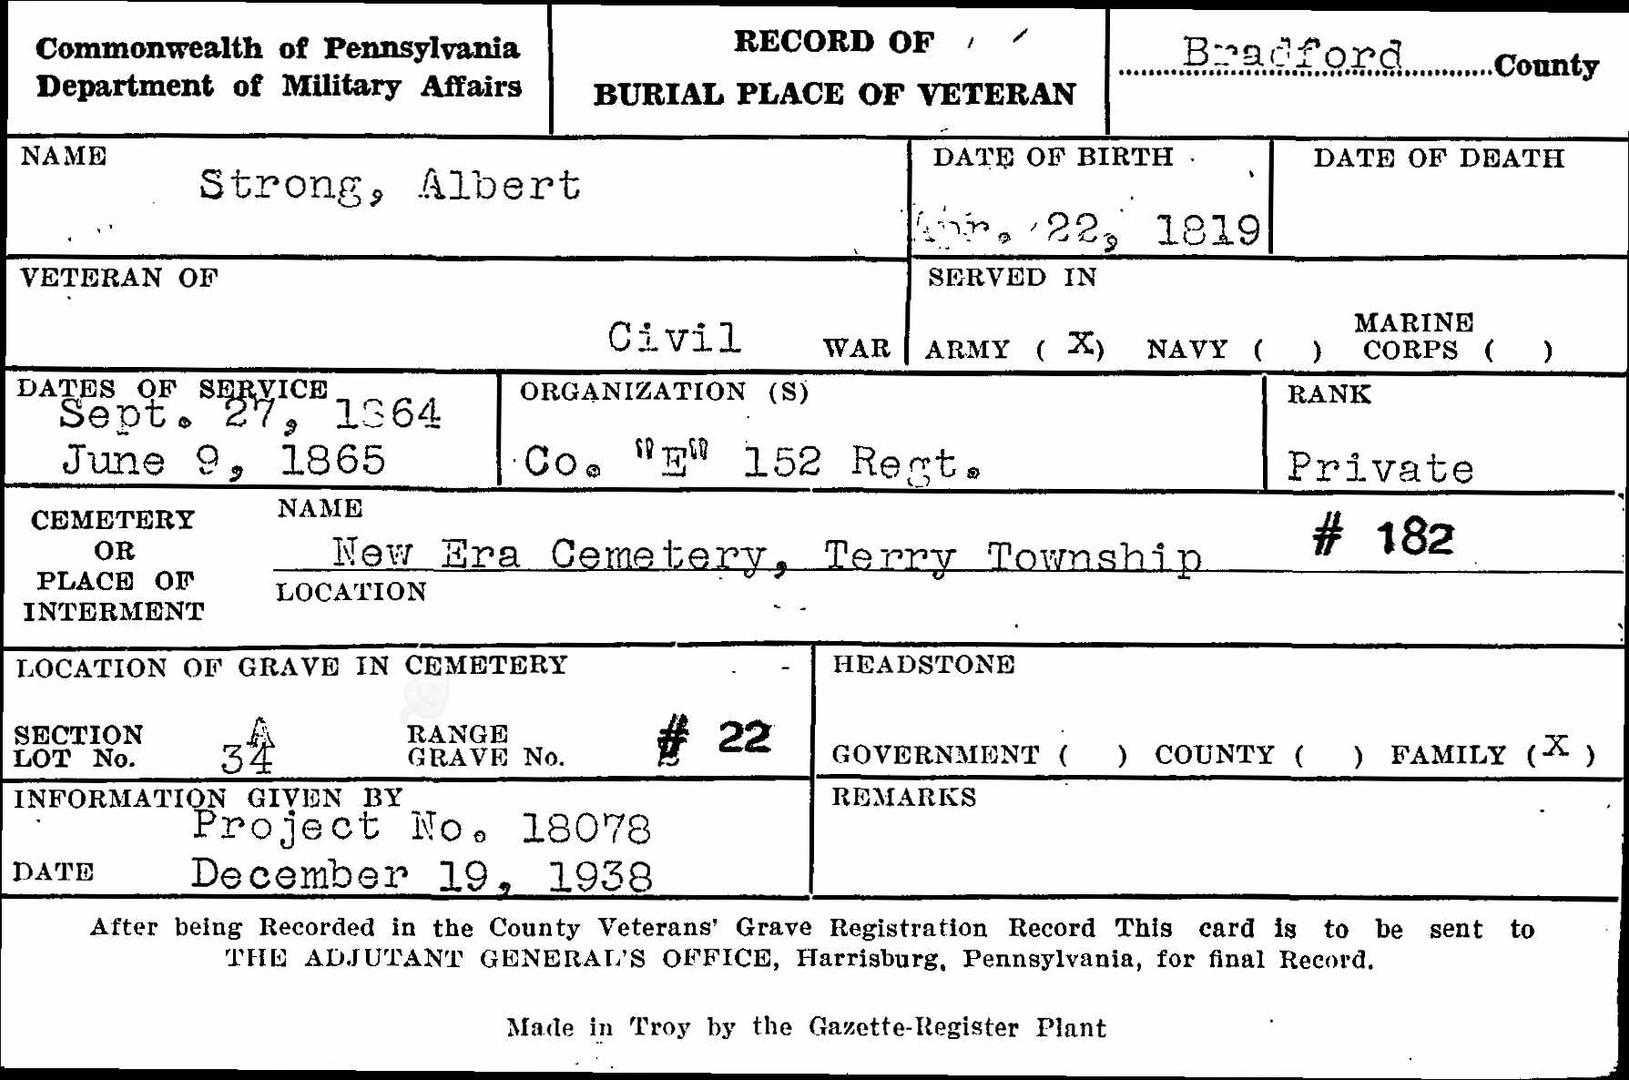 Albert Strong veterans card